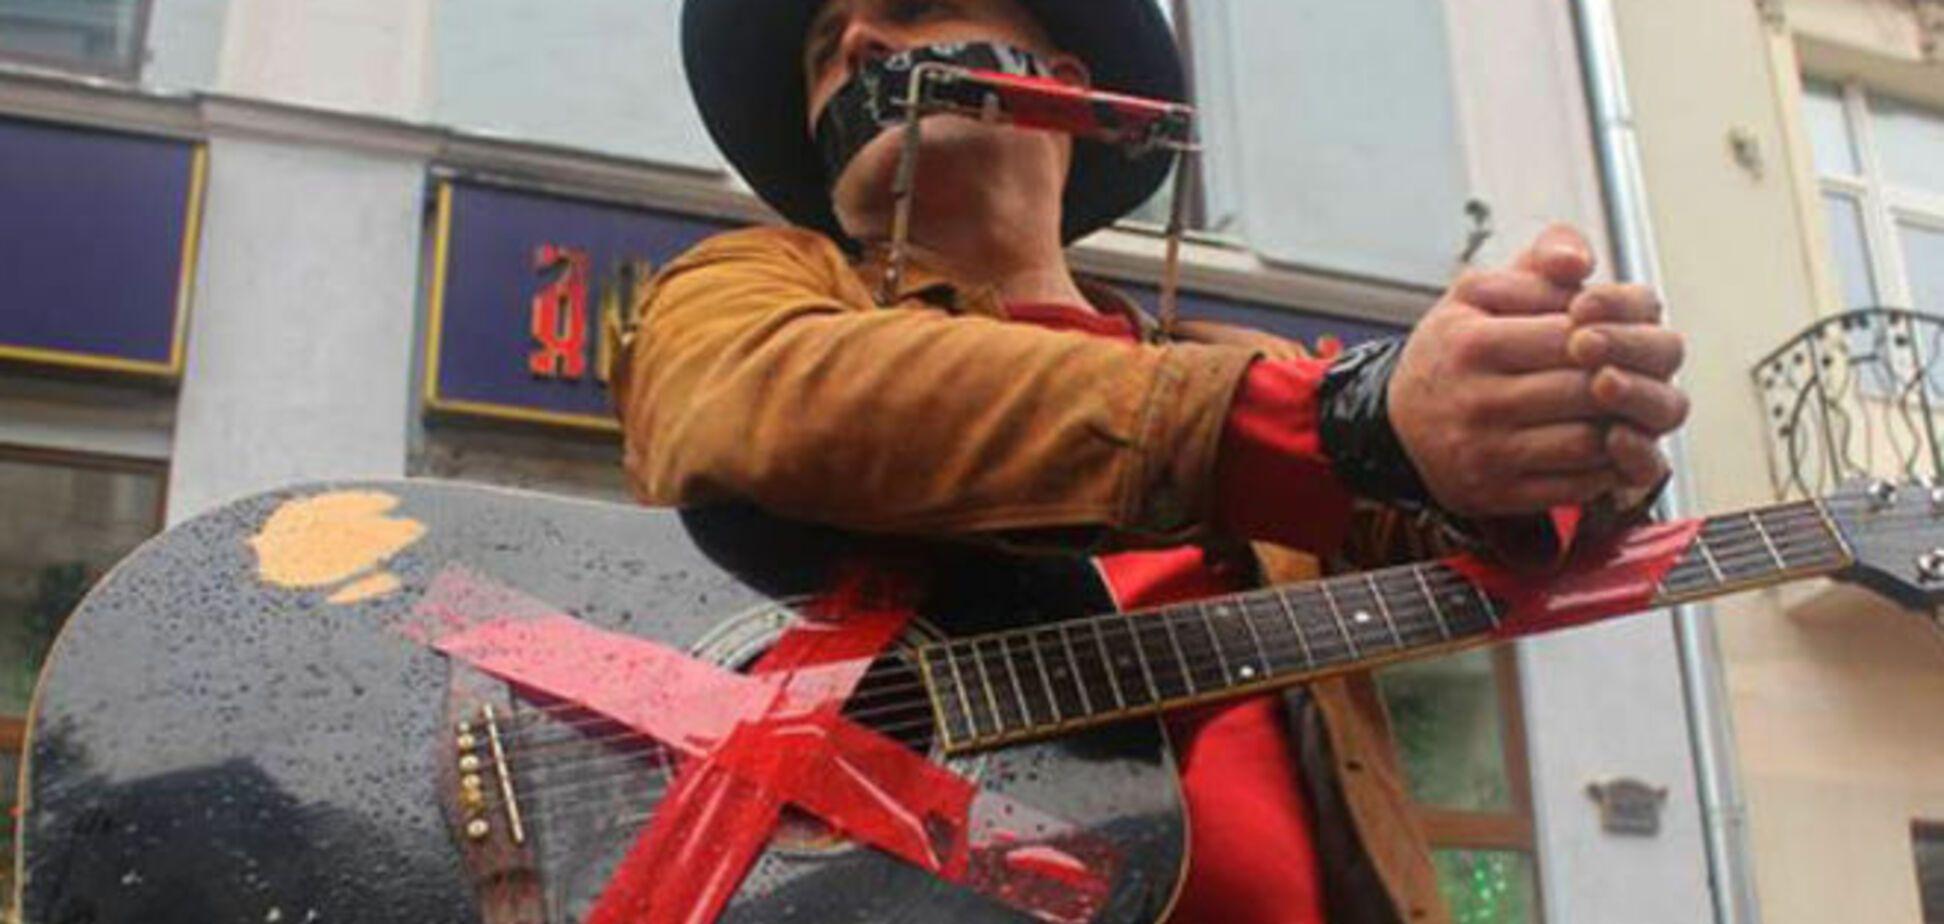 Абсурды русского мира: власти Москвы заставят уличных музыкантов платить за бесплатные выступления